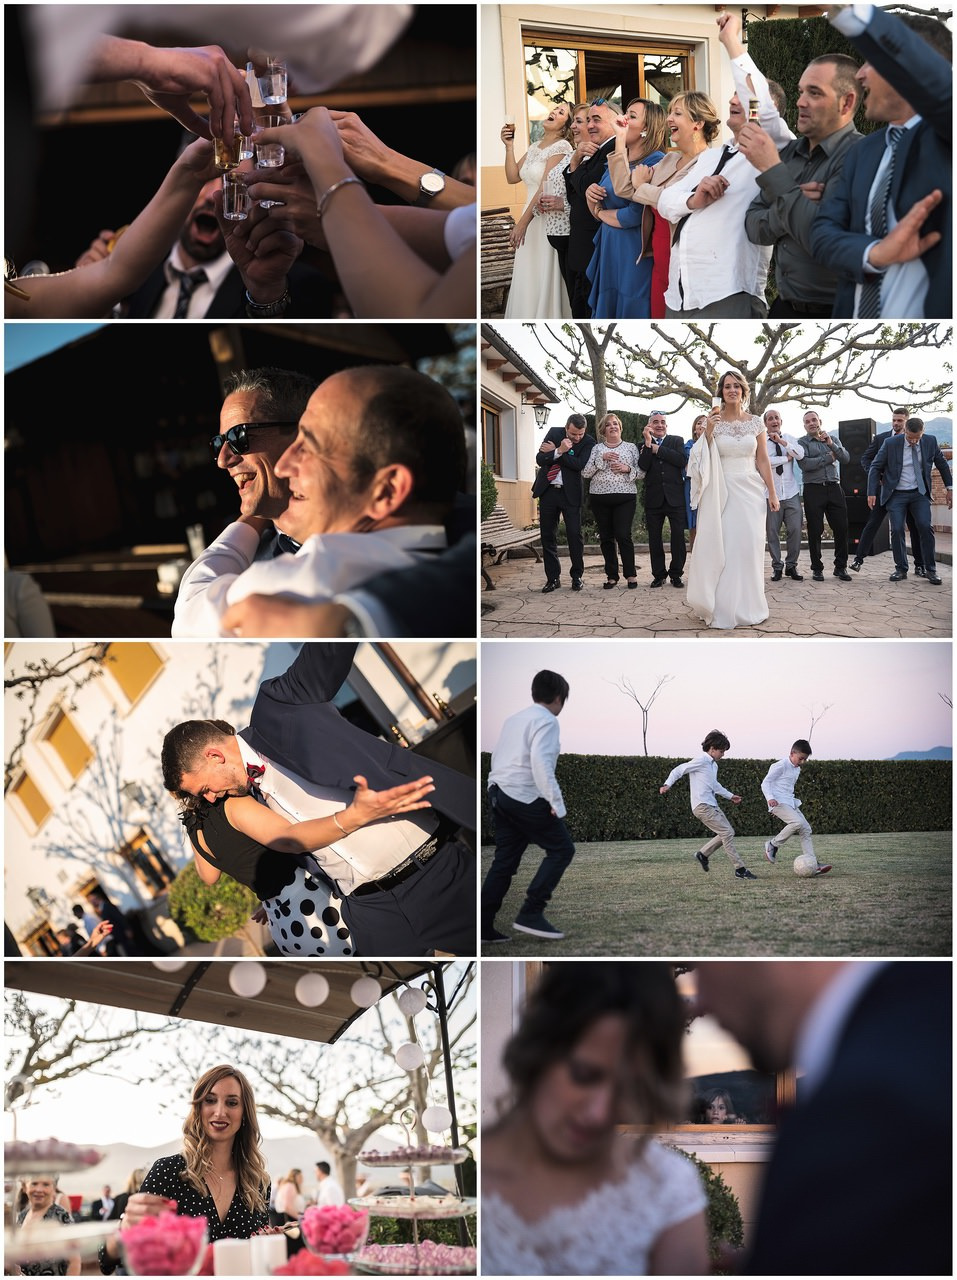 Fotógrafo de bodas en Alcoy, boda de estefy16